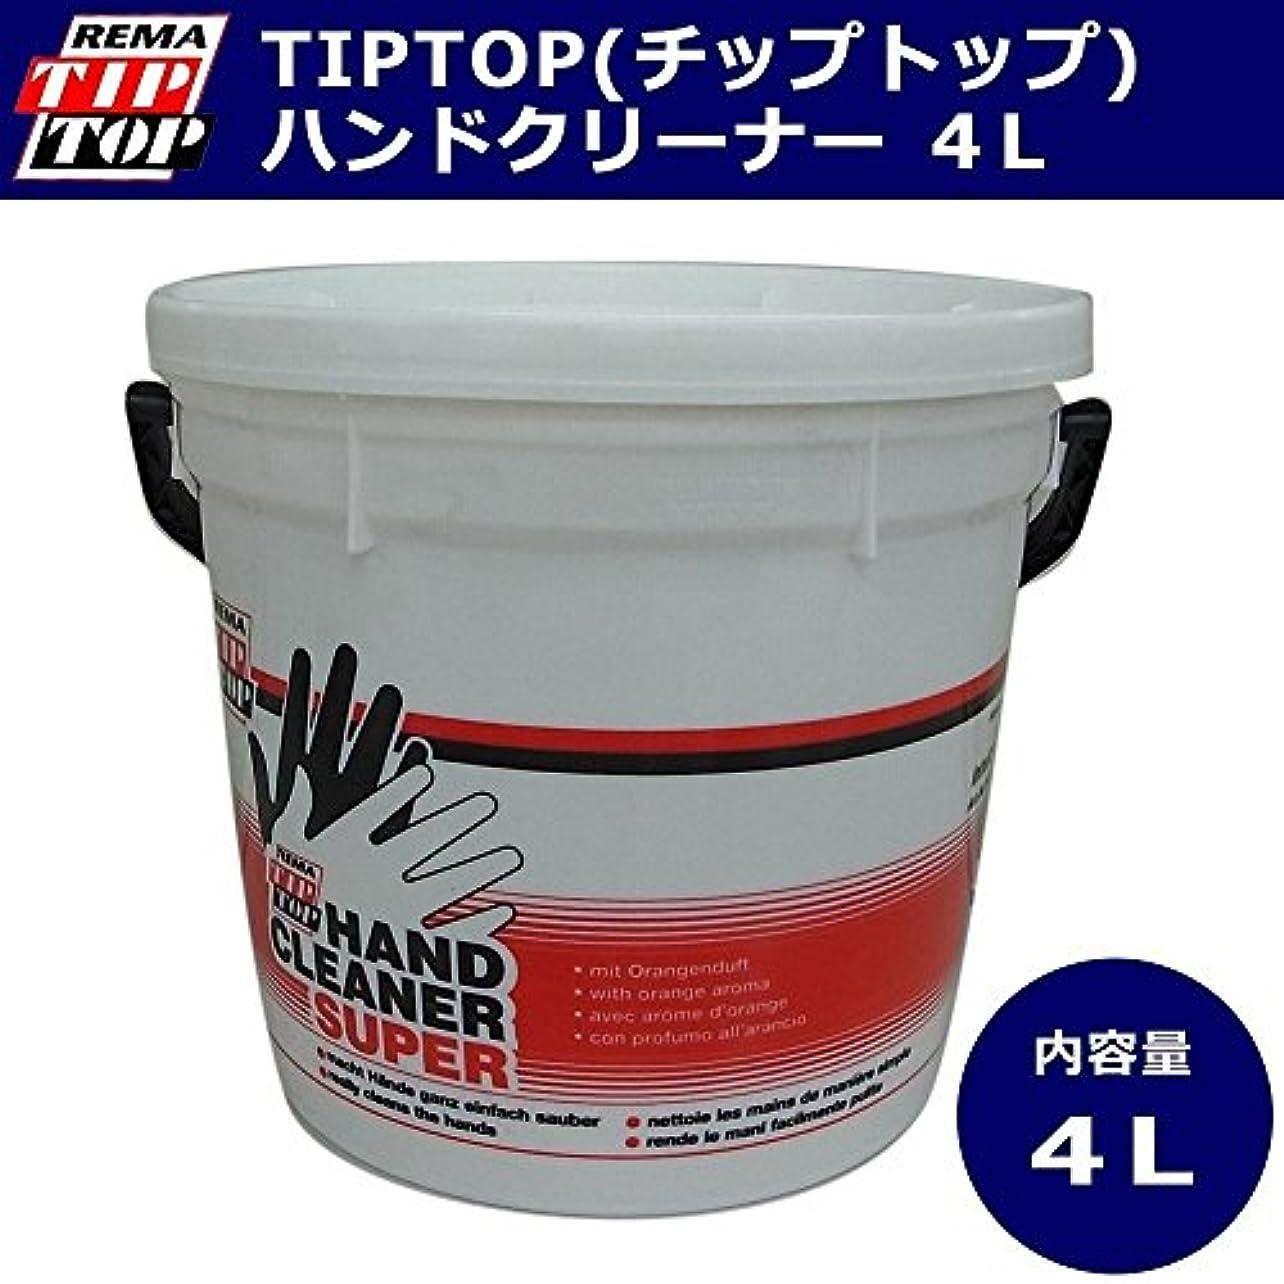 木スープアラブTIPTOP(チップトップ) ハンドクリーナー 4L H-052